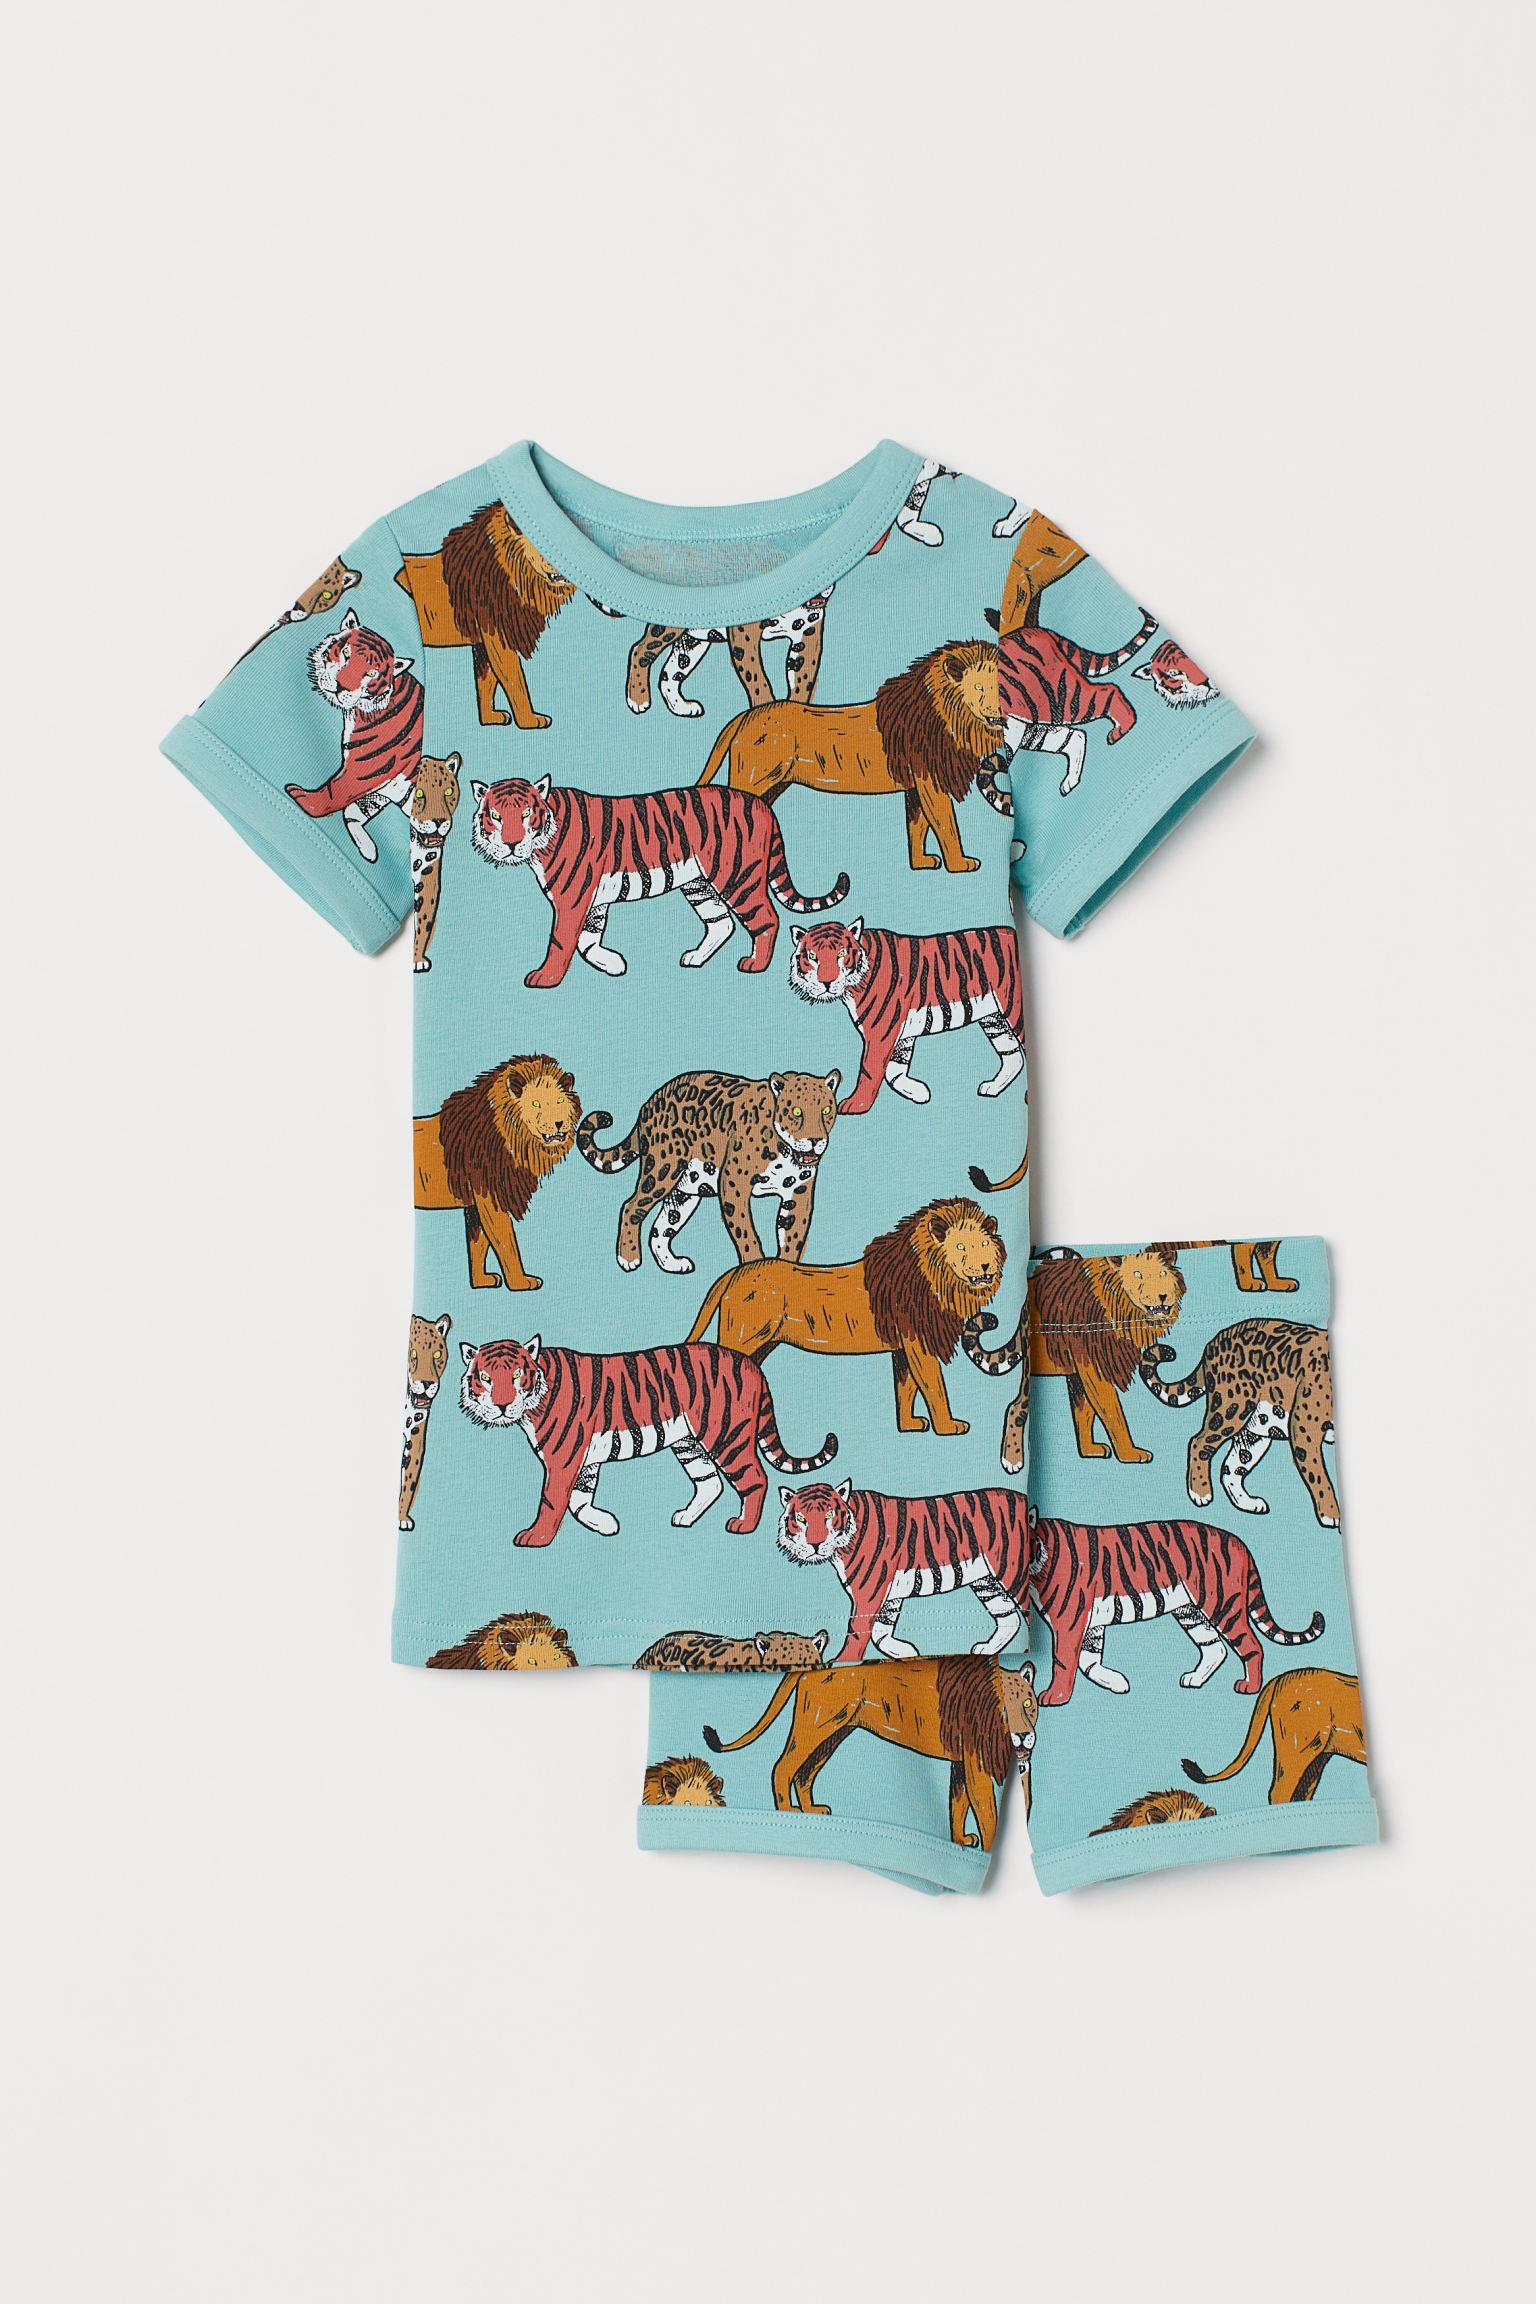 Pijama en punto de algodón con estampado. Camiseta con cuello redondo. Pantalón corto con cintura elástica.